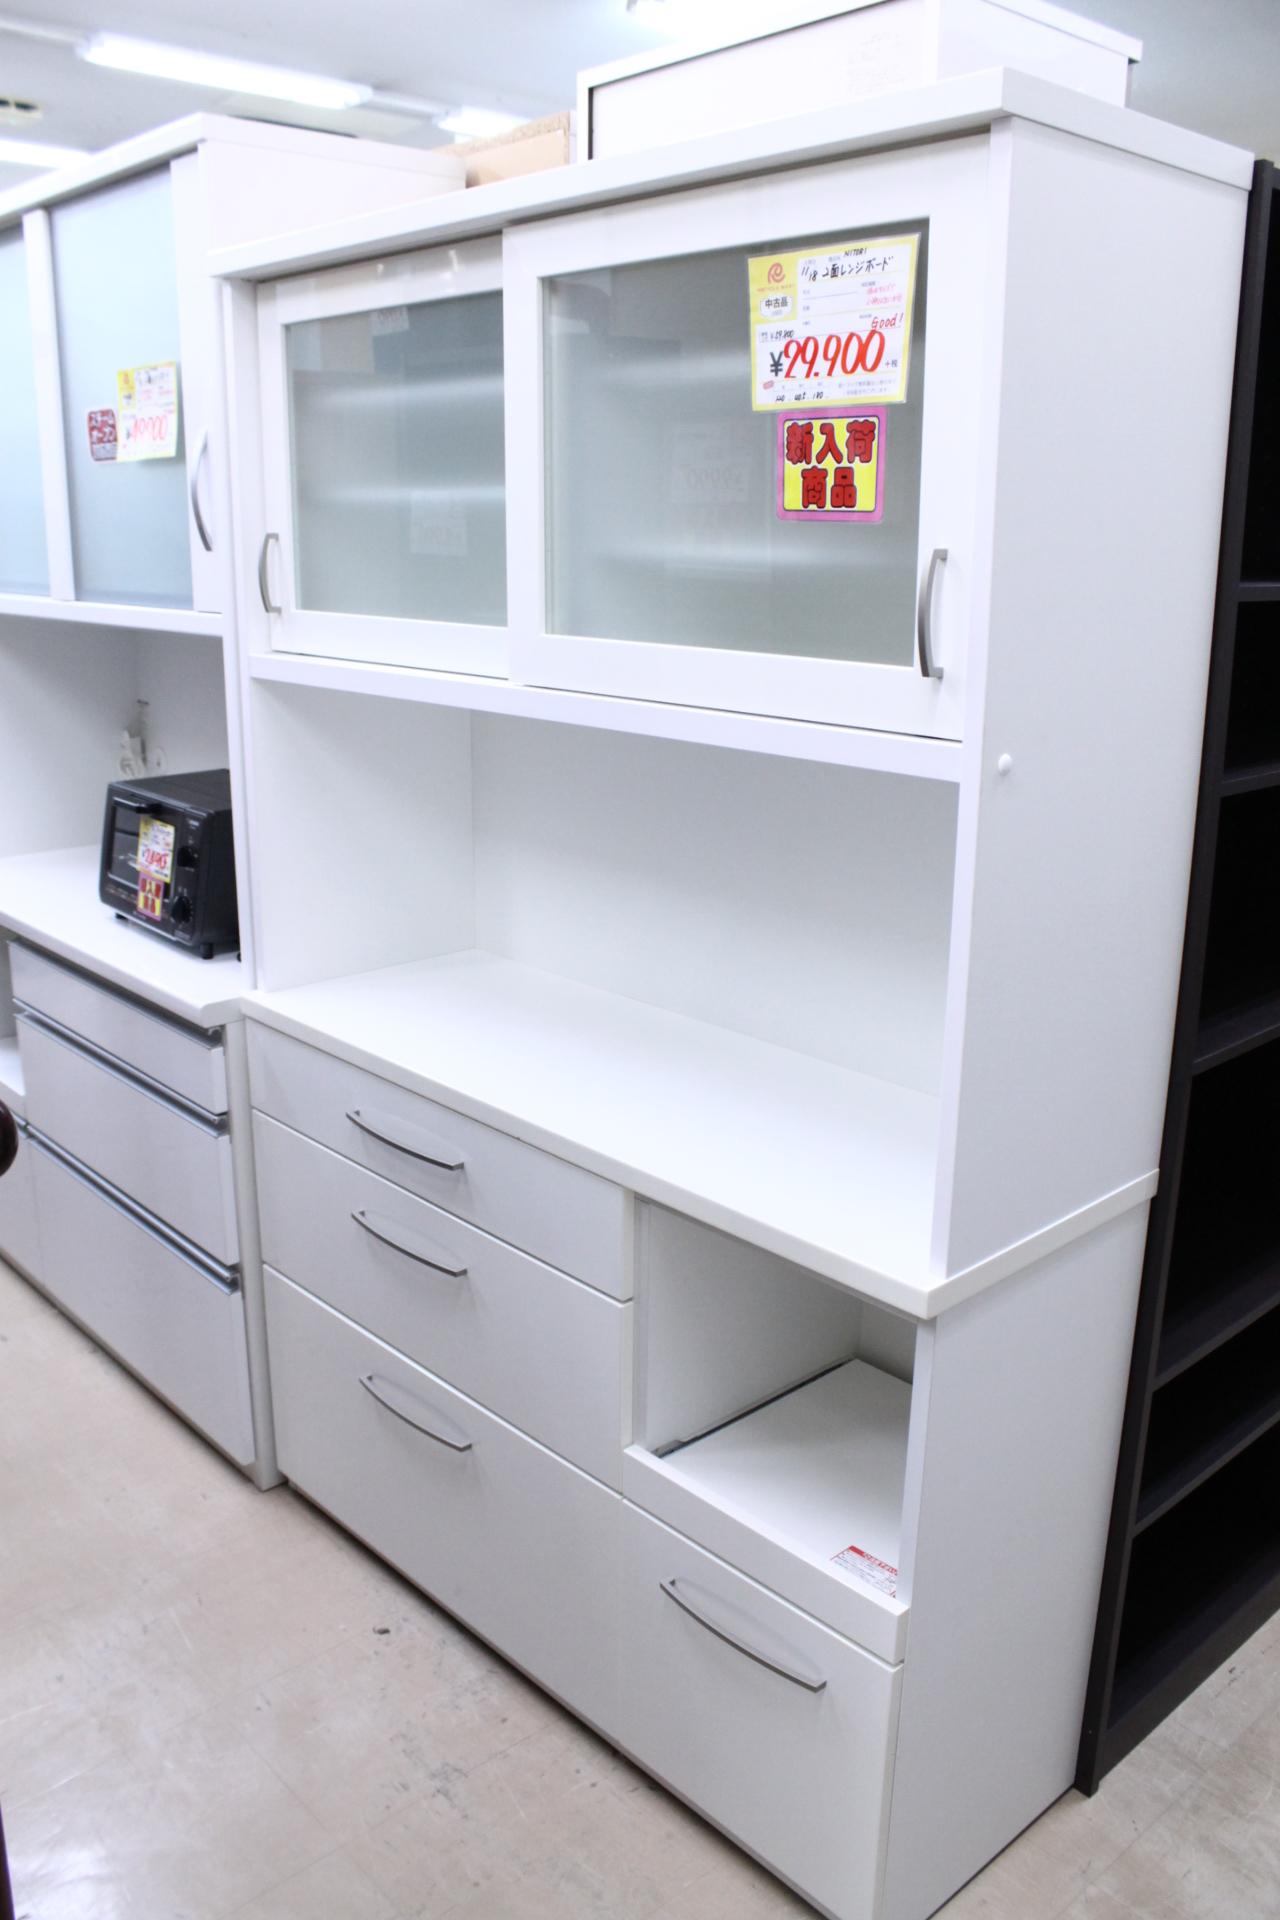 【NITORI ニトリ 2面レンジボード 食器棚 幅120☓奥行き40cm☓高さ180cm】を買取させて頂きました!の買取-